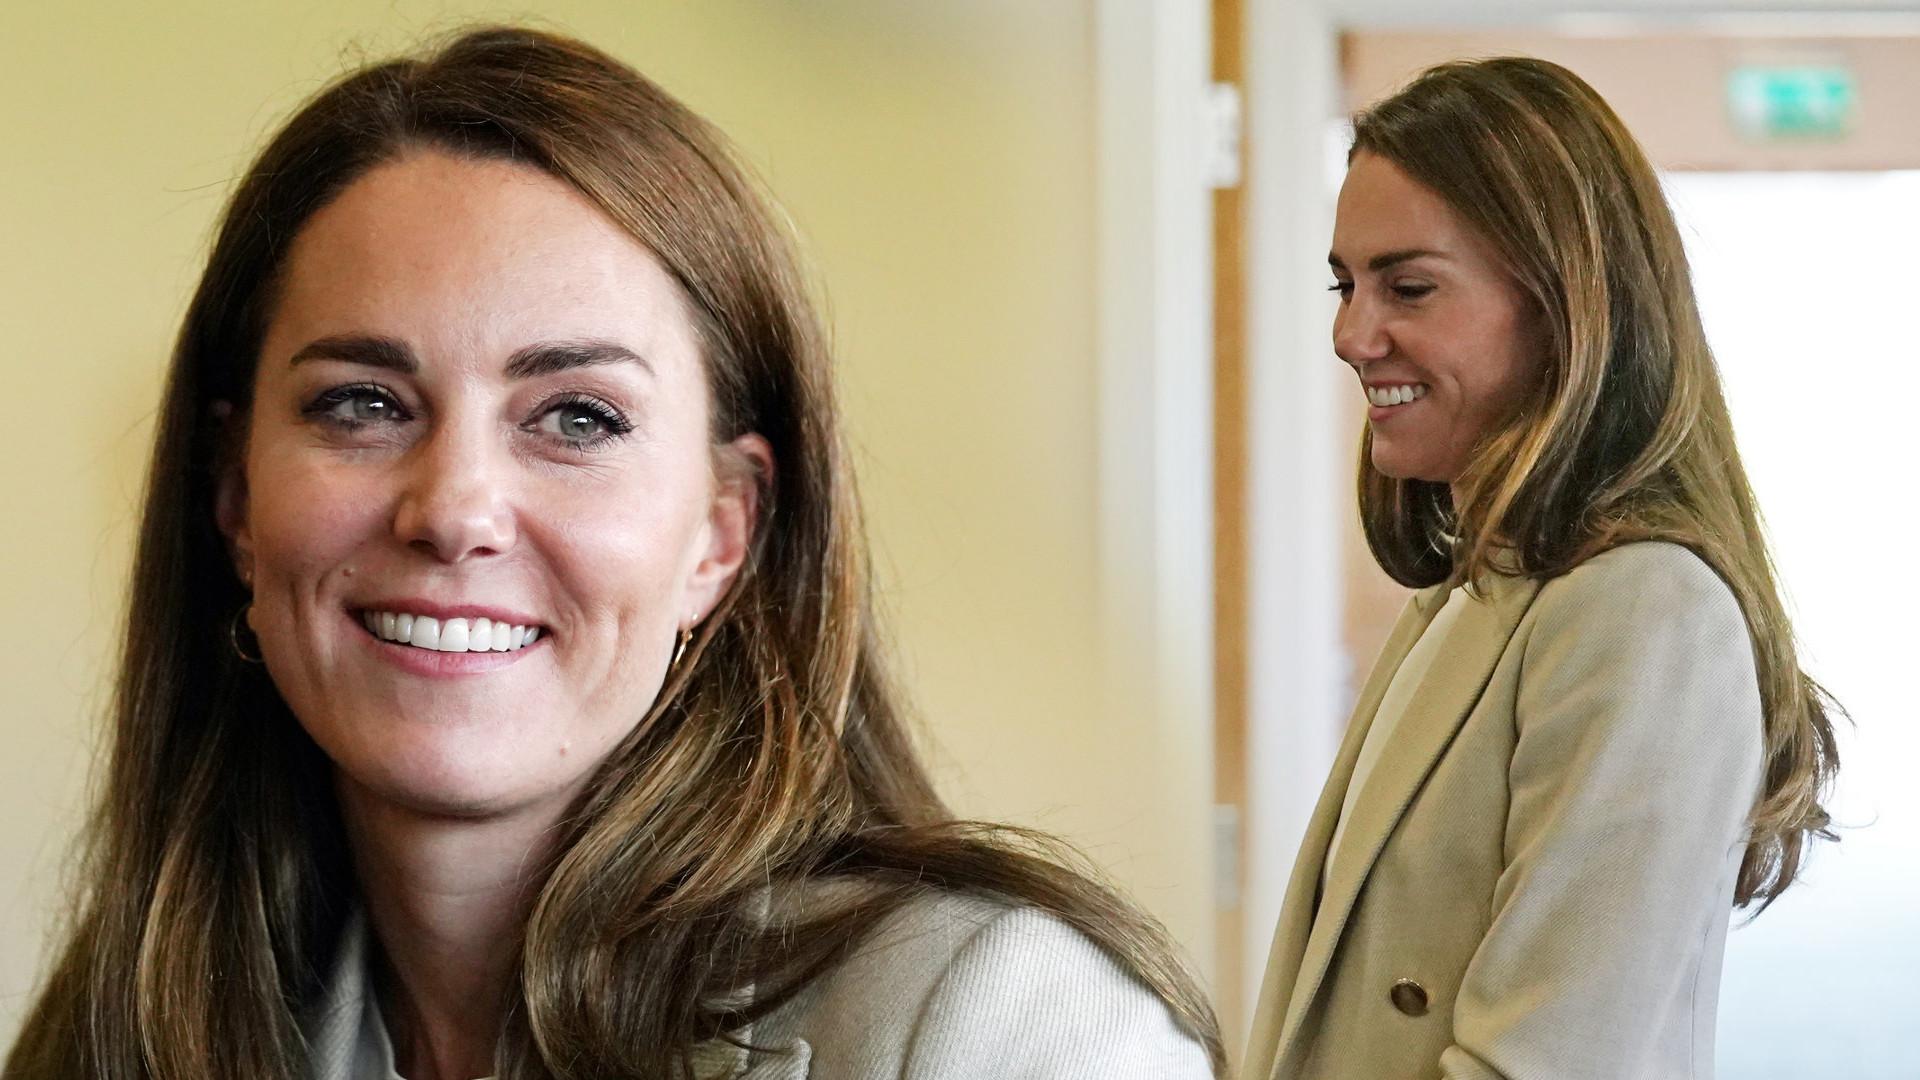 Wielki POWRÓT księżnej Kate – w końcu pojawiła się publicznie po dwóch miesiącach (ZDJĘCIA)